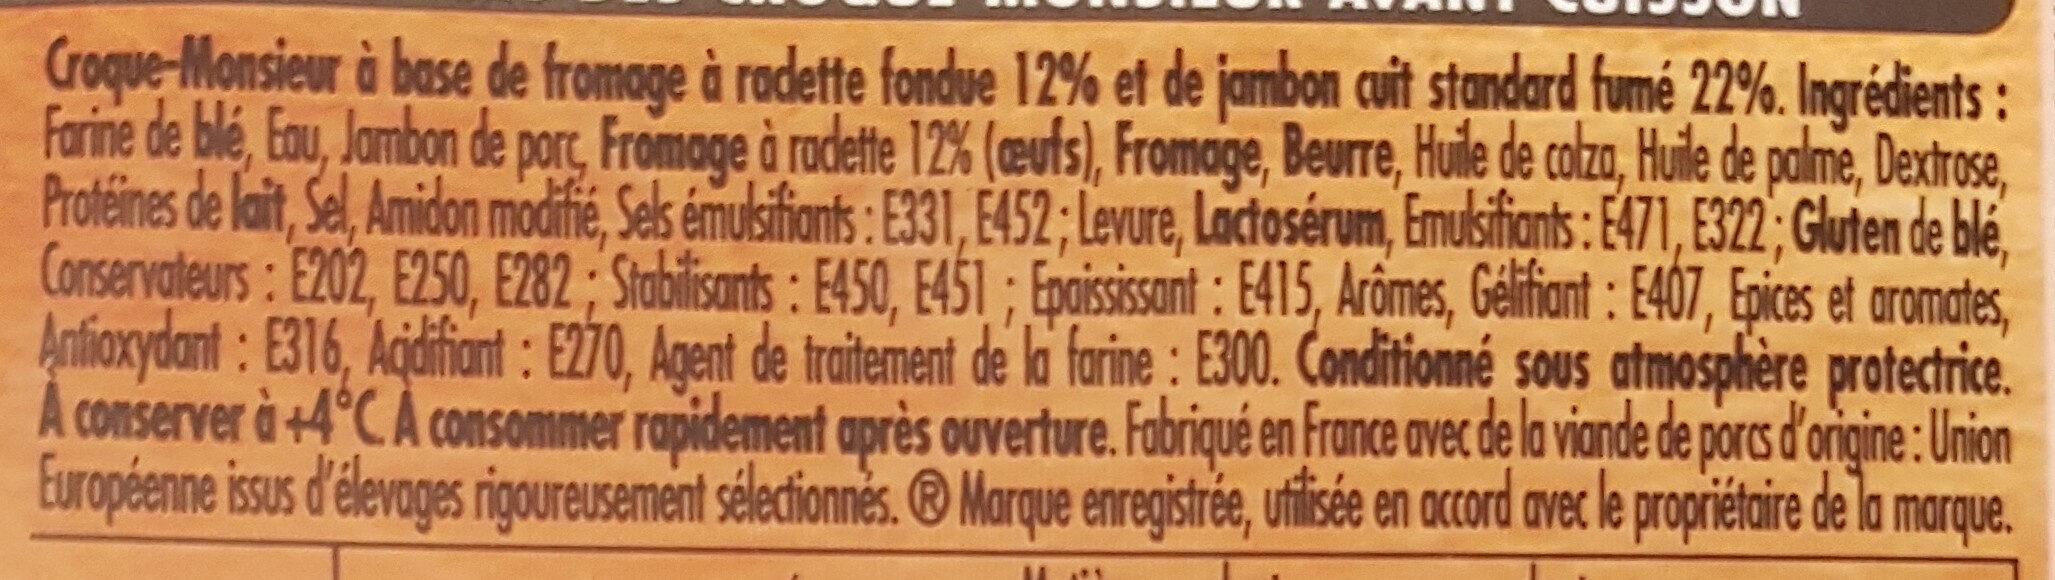 Tendre Croc' Montagnard - Ingrédients